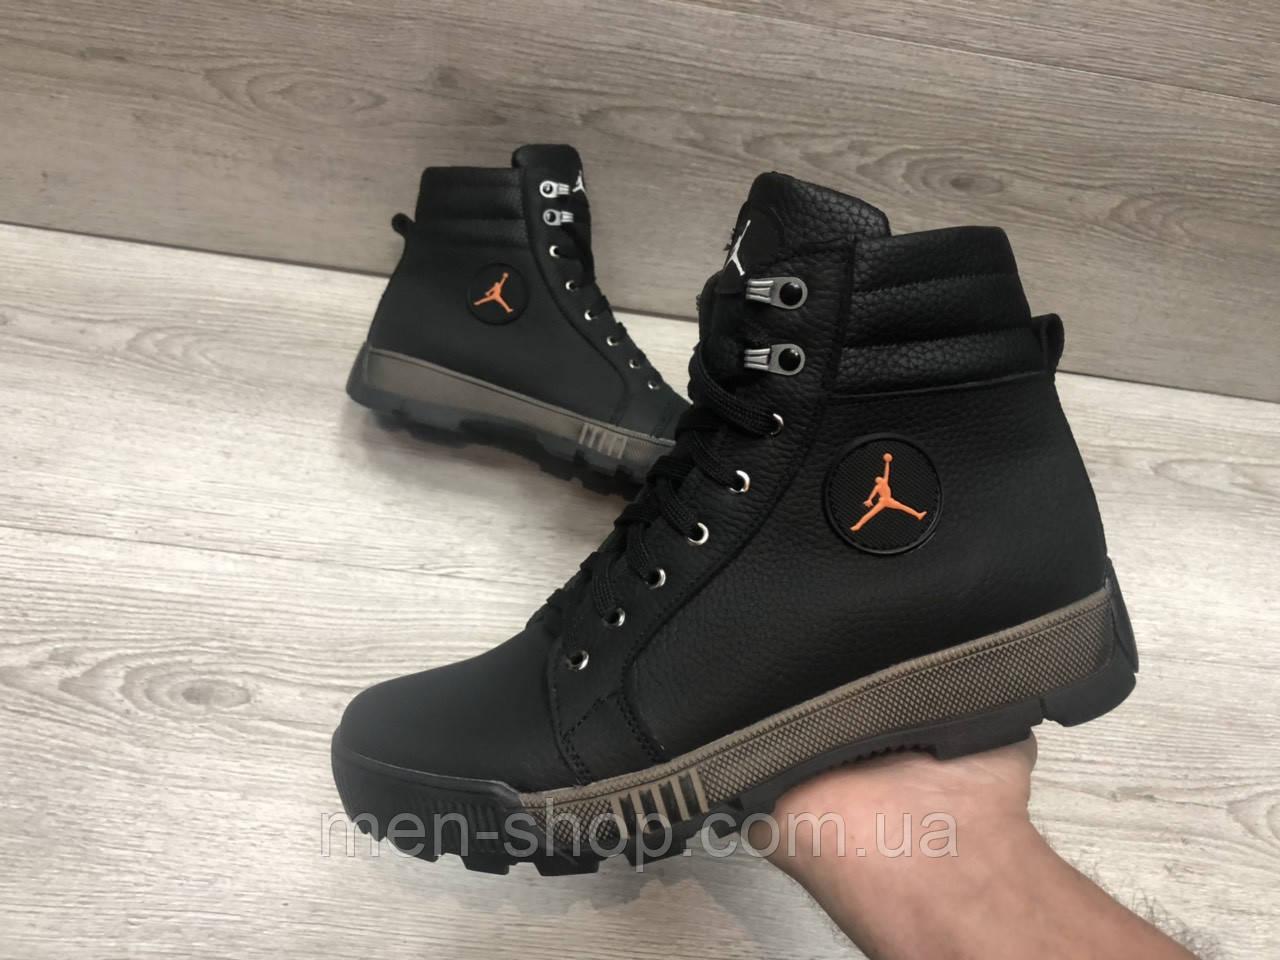 843ff6d1 Кожаные ботинки в стиле Jordan на меху : продажа, цена в Харькове ...